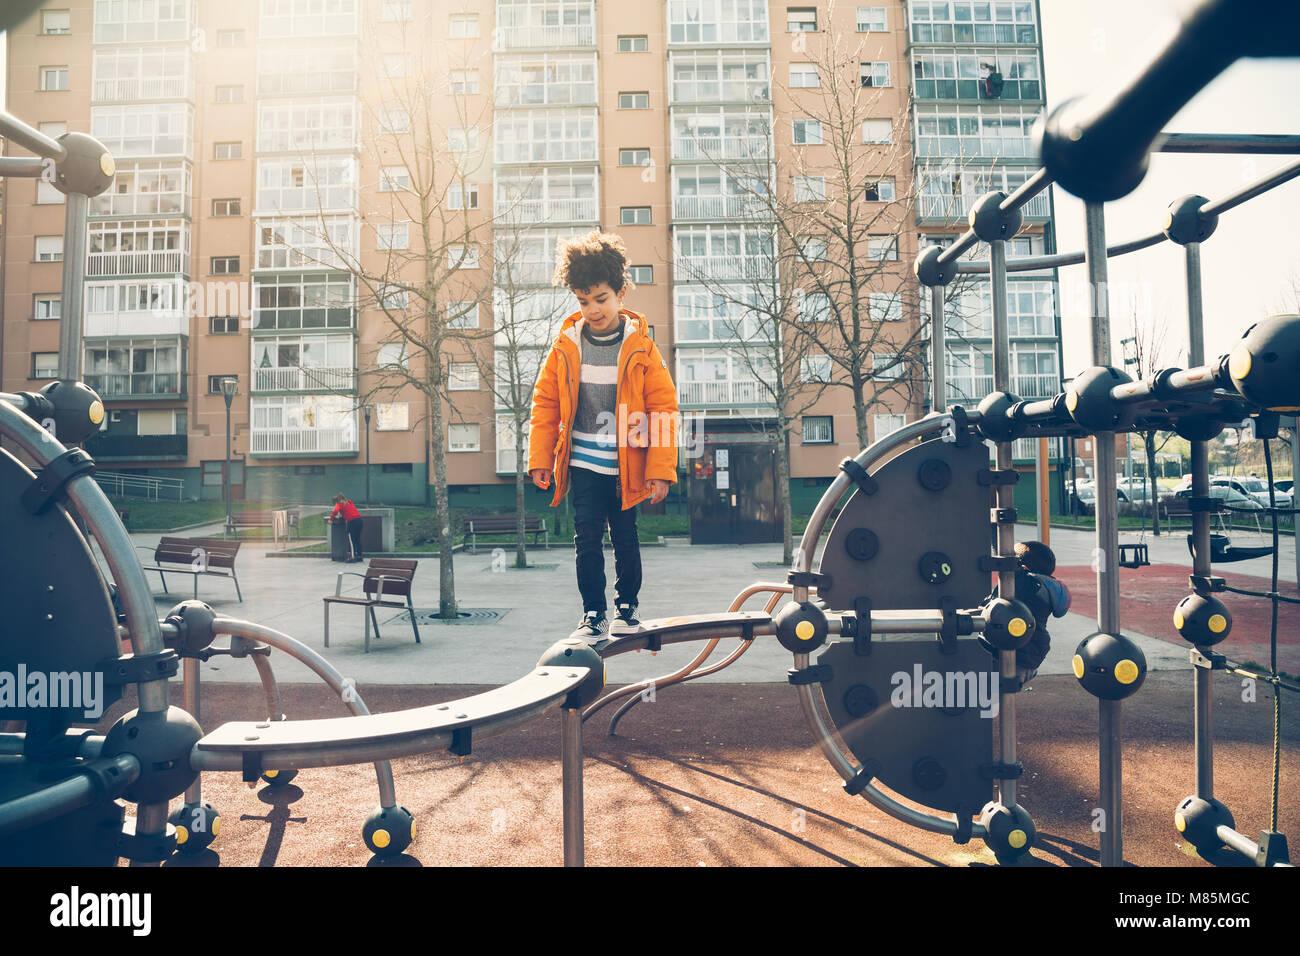 Carino piccolo ragazzo camminando la barra di bilanciamento in un parco giochi urbano in una giornata di sole Immagini Stock